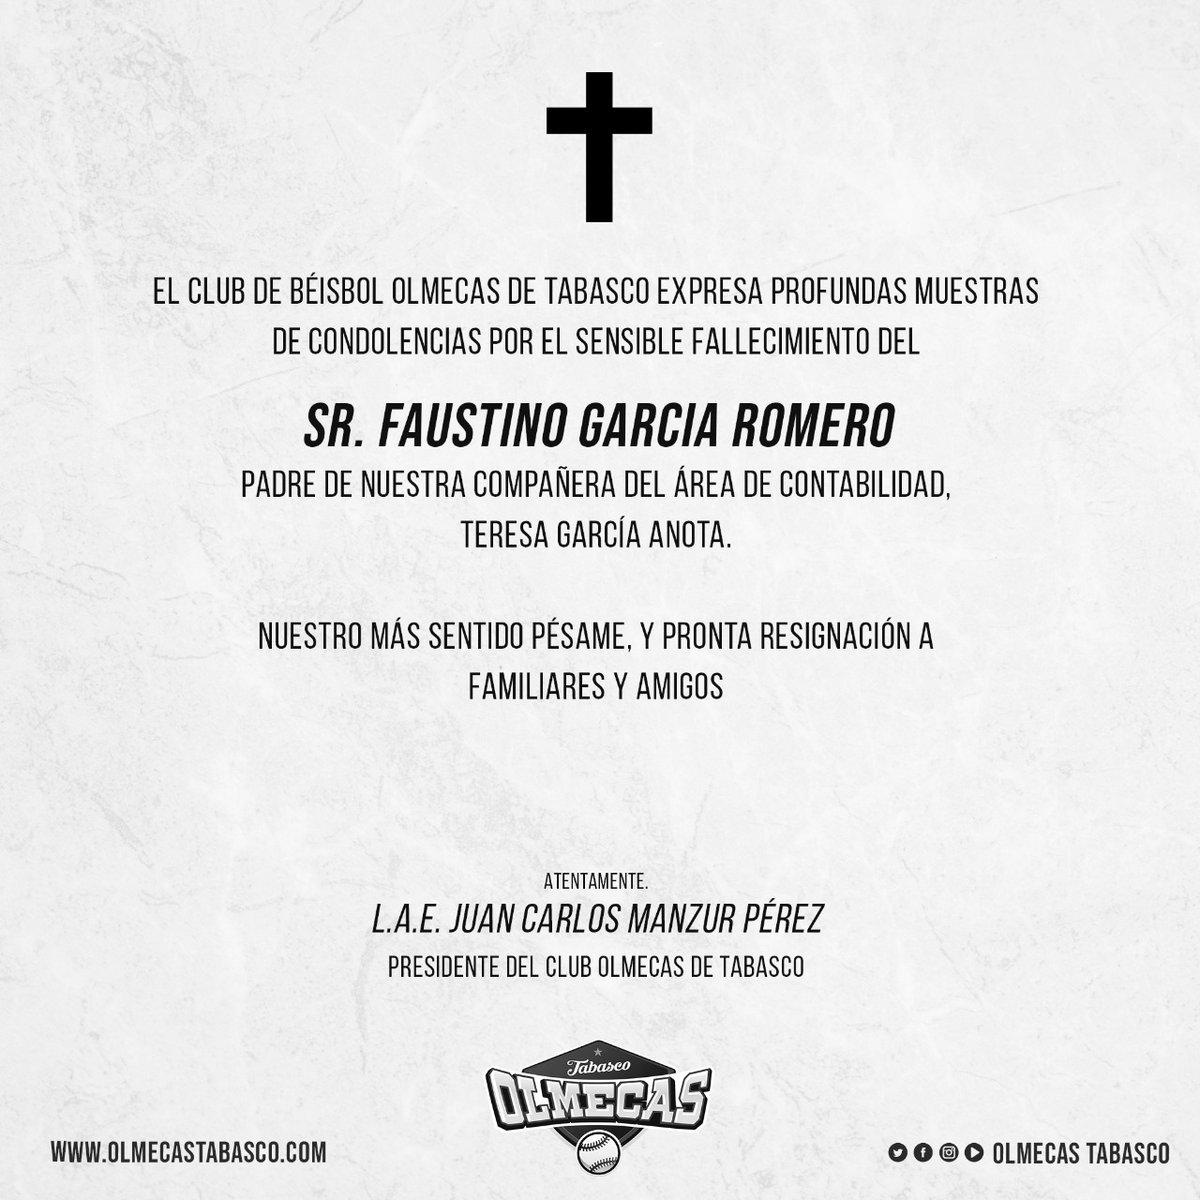 El Club Olmecas de Tabasco, lamenta el sensible fallecimiento del Sr. Faustino García Romero, padre de Teresa García Anota, compañera del área de contabilidad.  Le deseamos pronta resignación a sus familiares y amigos. https://t.co/kszbwM52Me